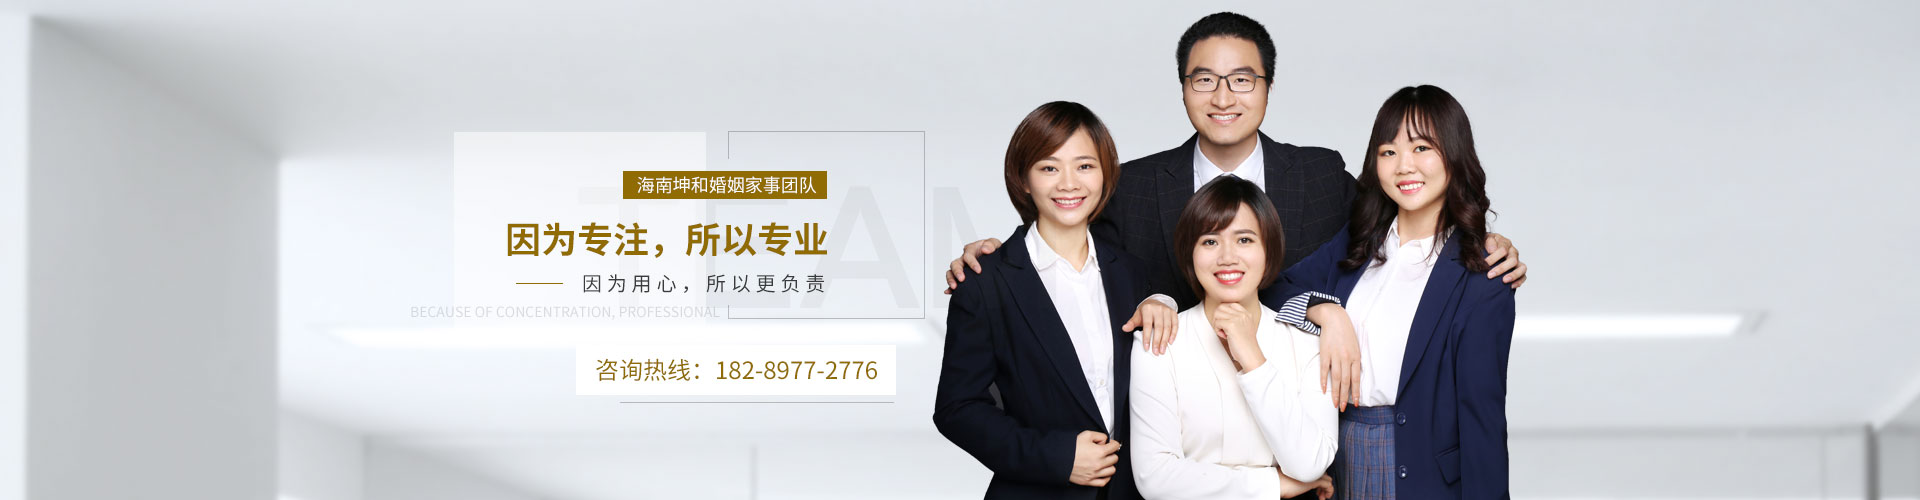 海南坤和婚姻律师团队